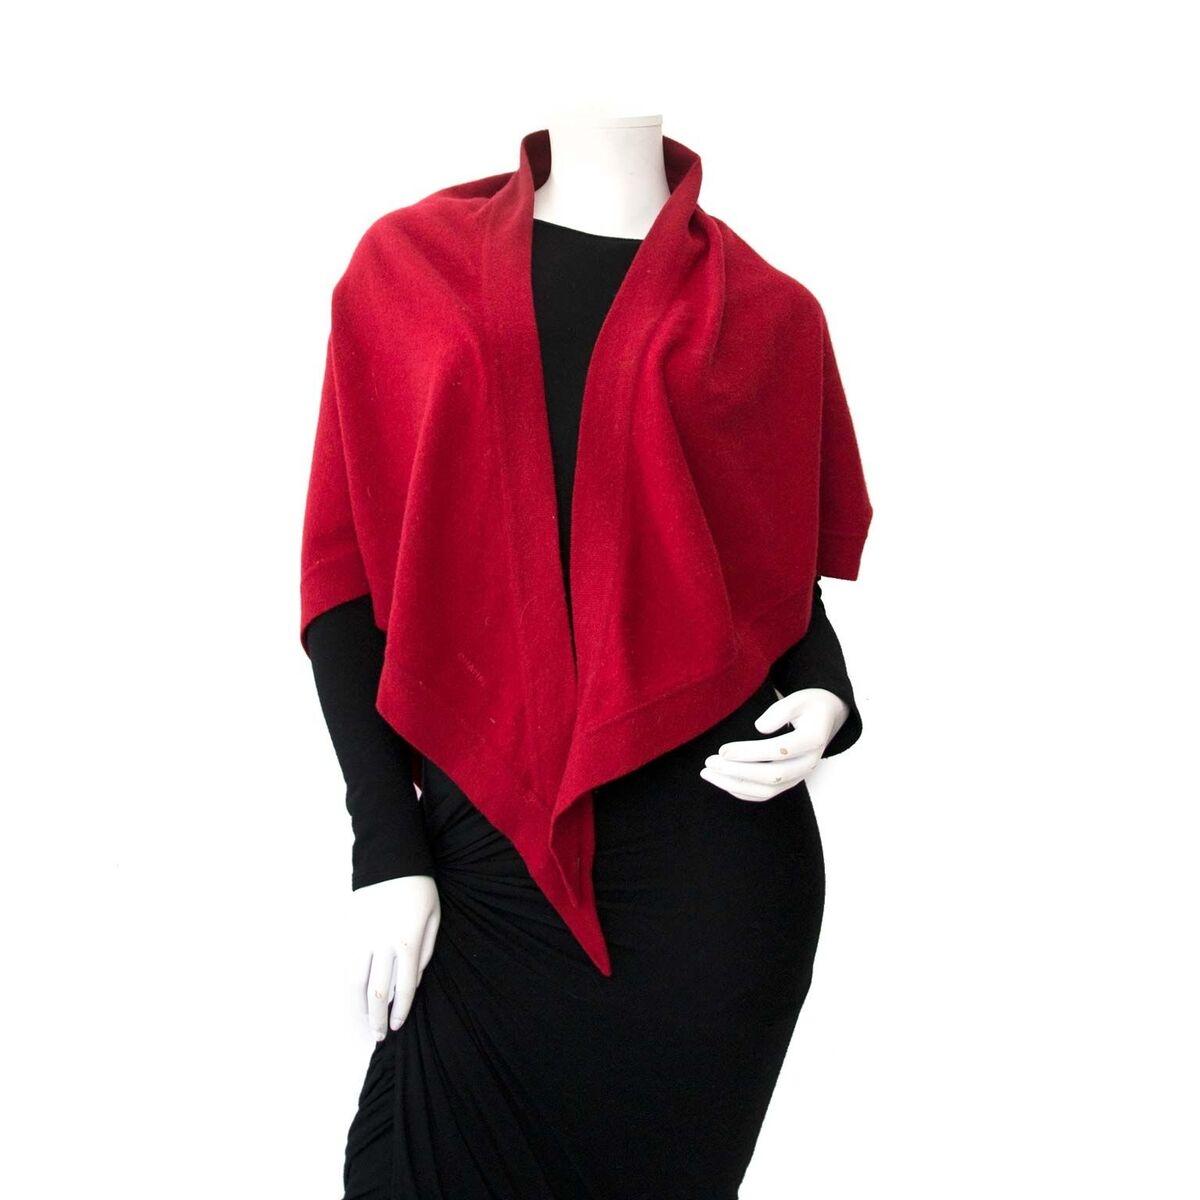 Koop authentieke tweedehands Chanel Sjaal aan een eerlijke prijs bij LabelLOV. Veilig online shoppen.